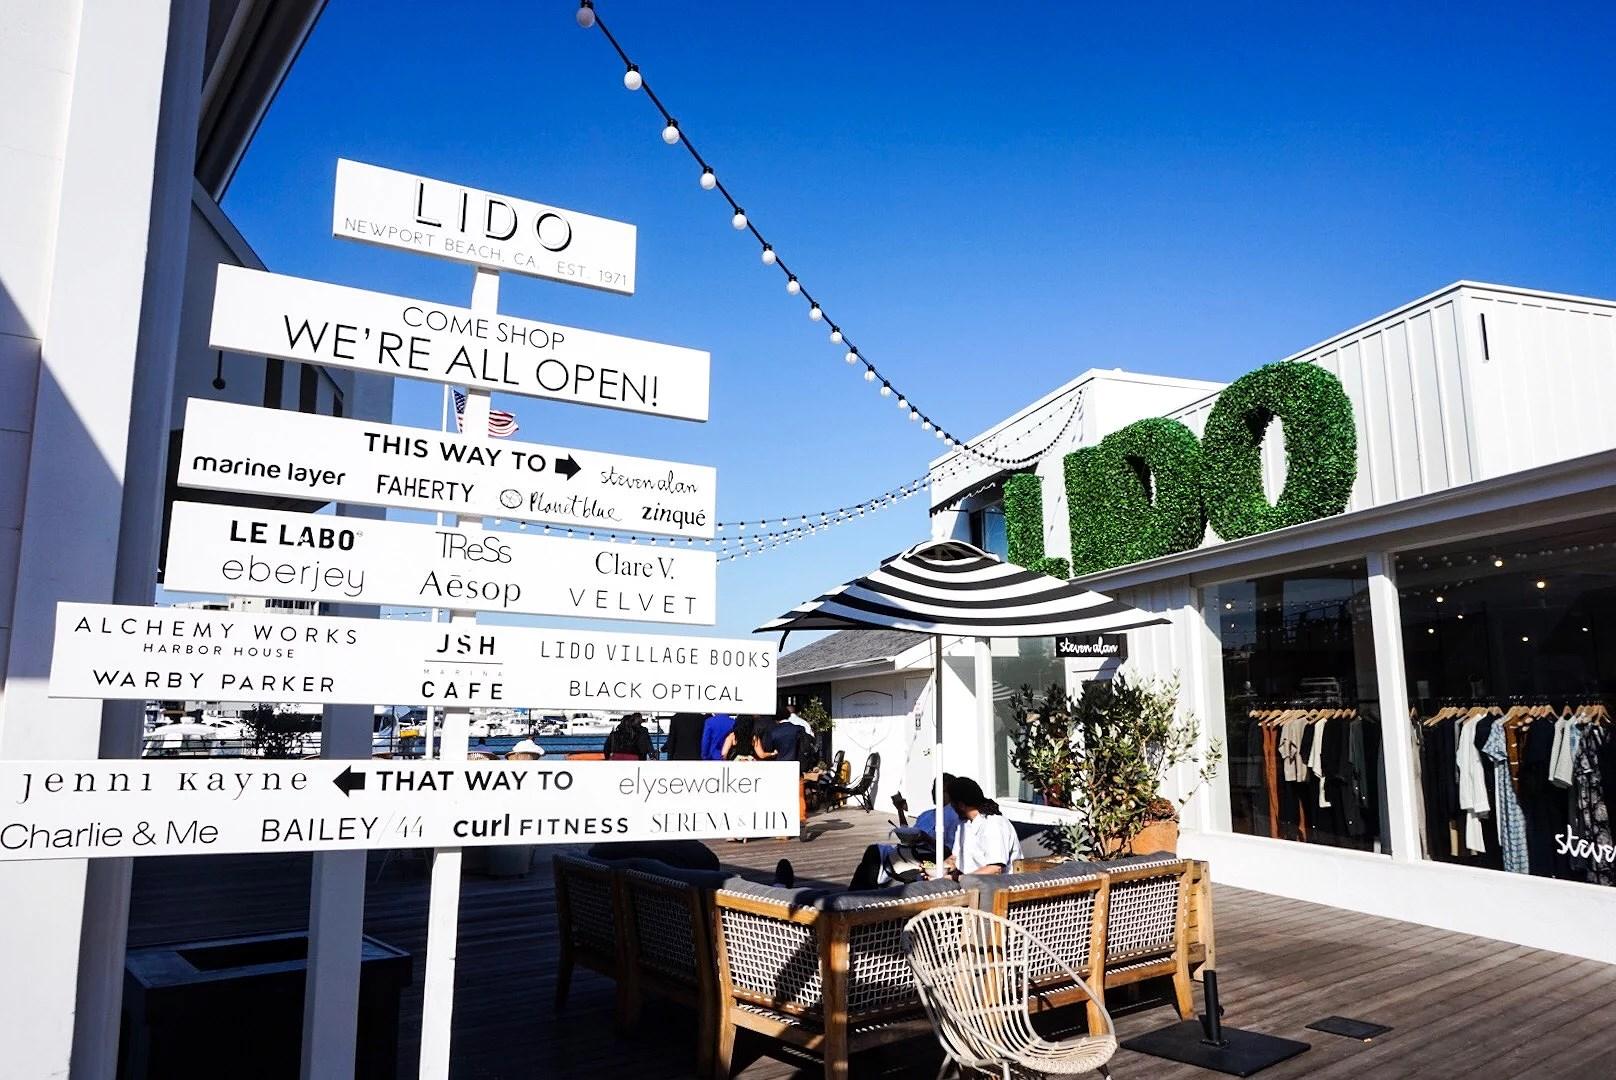 LIDO VILLAGE - NEWPORT BEACH